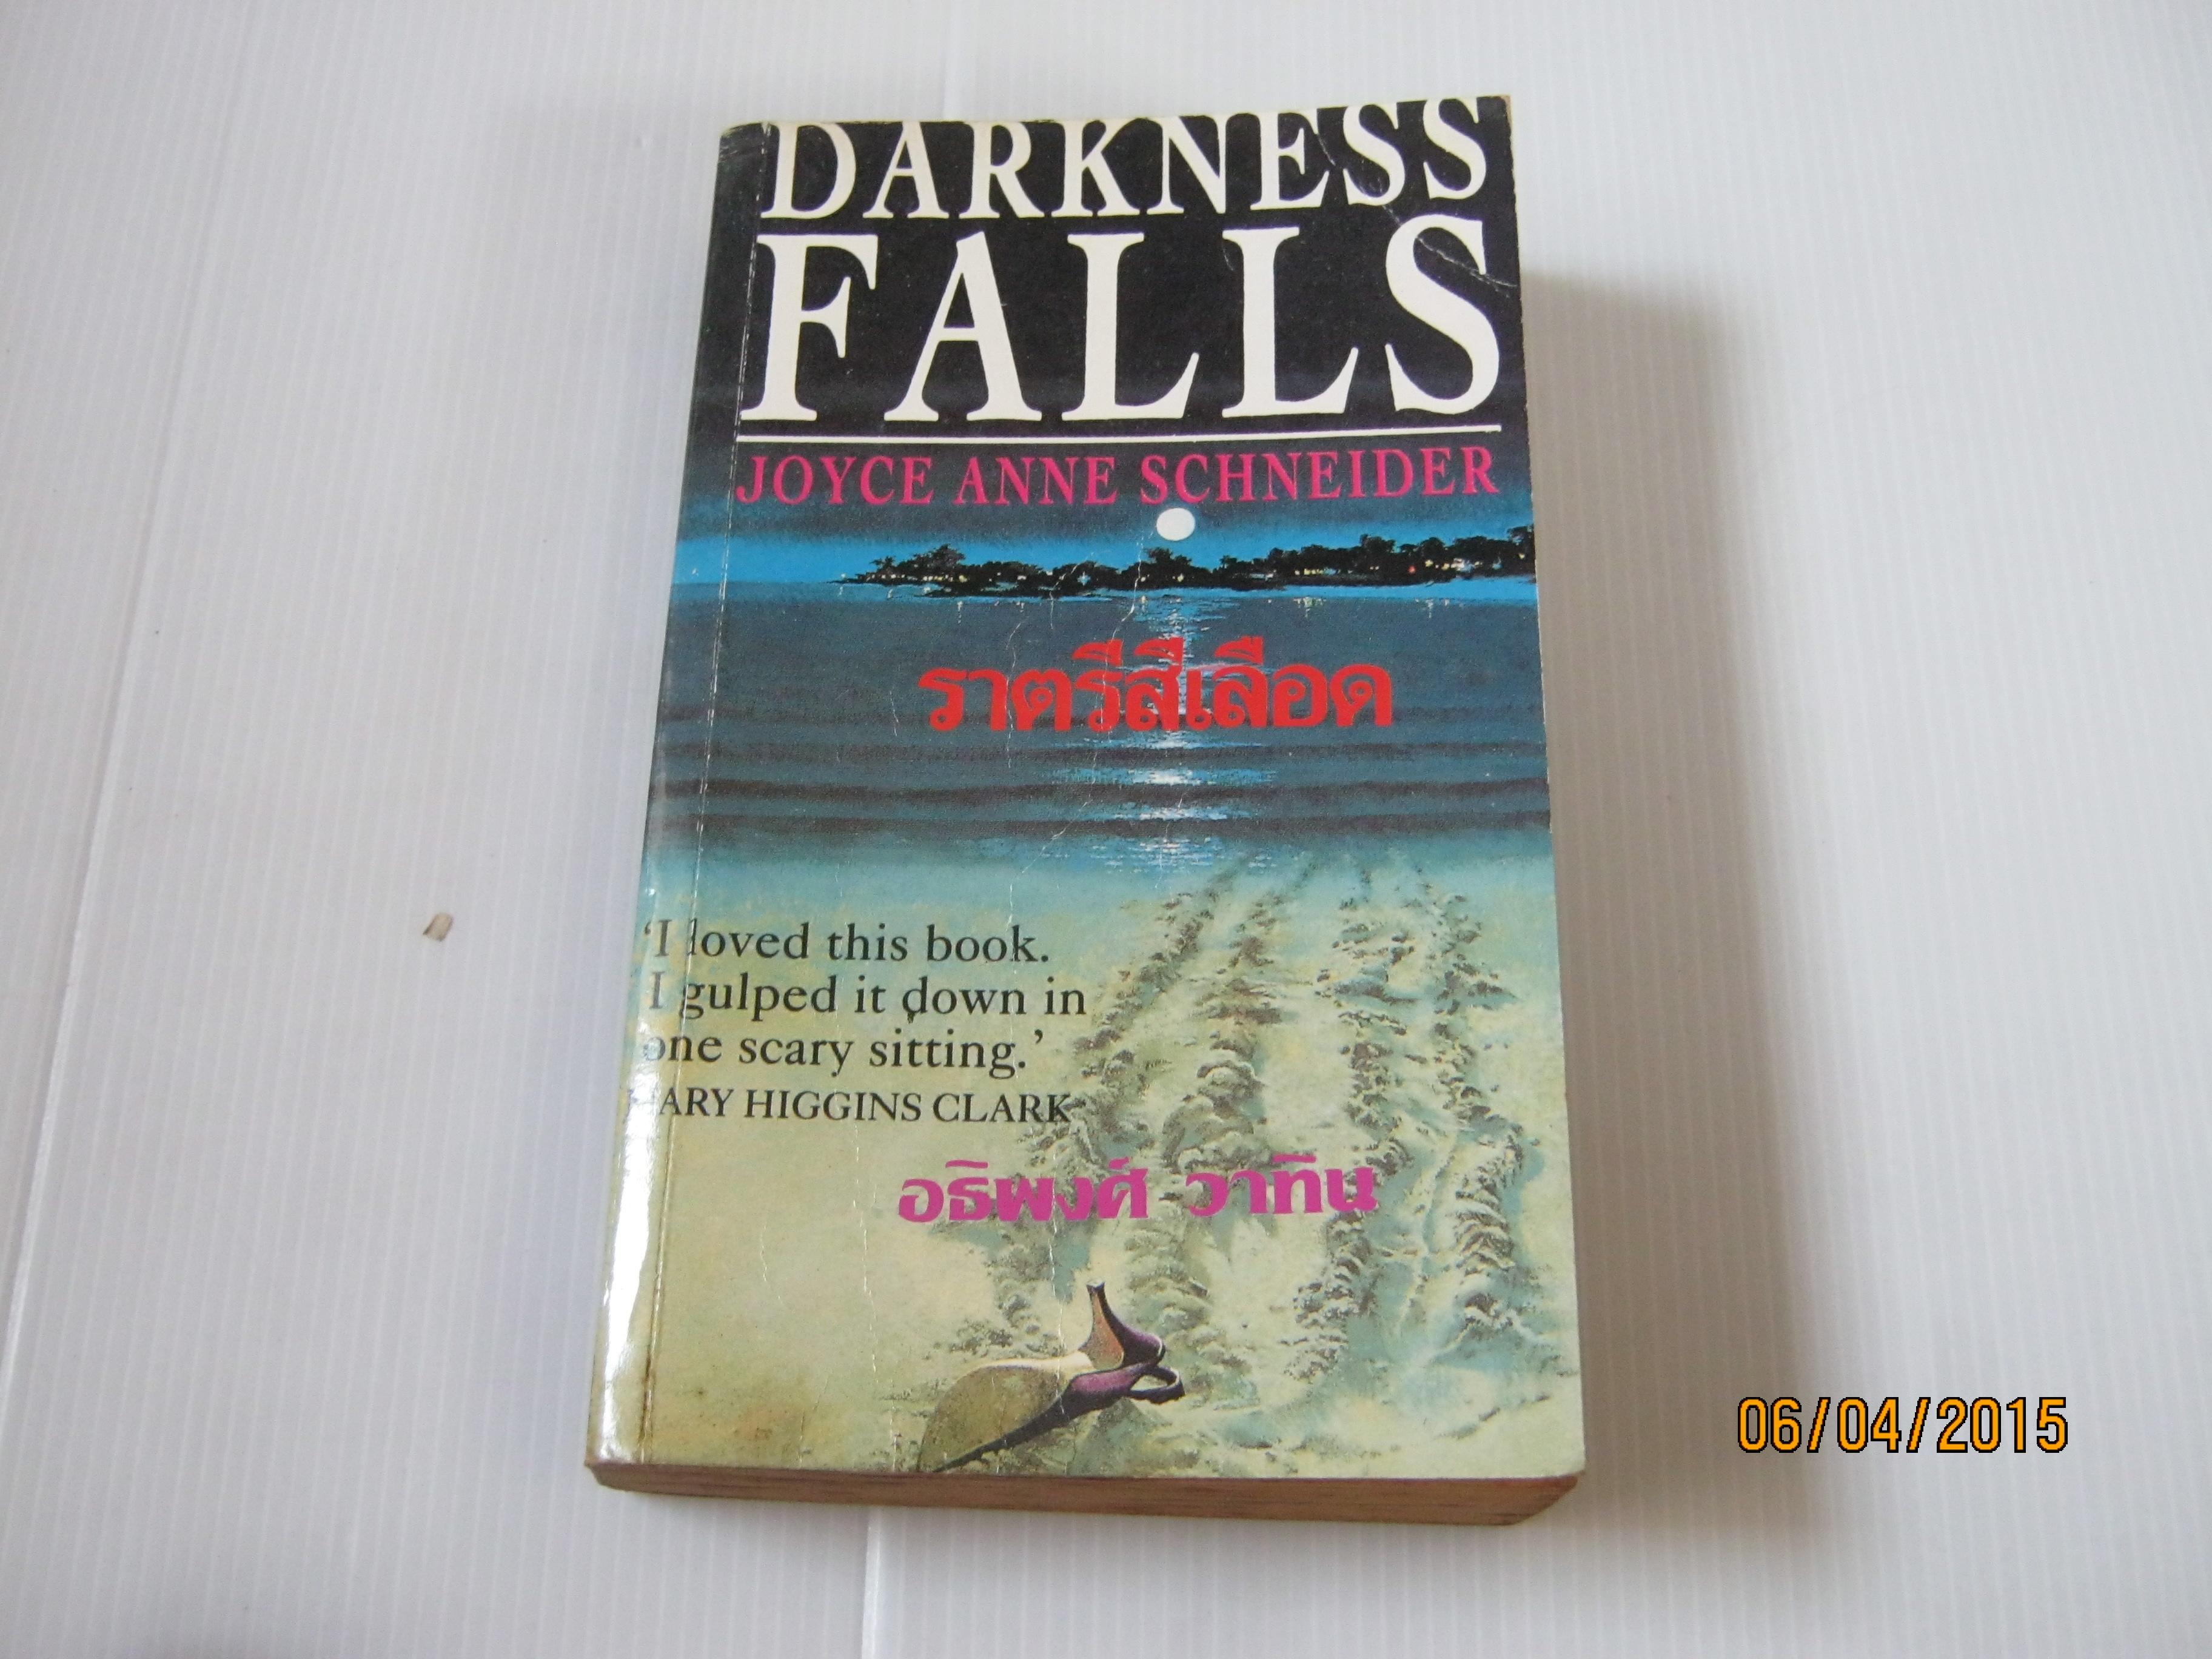 ราตรีสีเลือด (Darkness Falls) Joyce Anne Schneider เขียน อธิพงศ์ วาทิน แปล